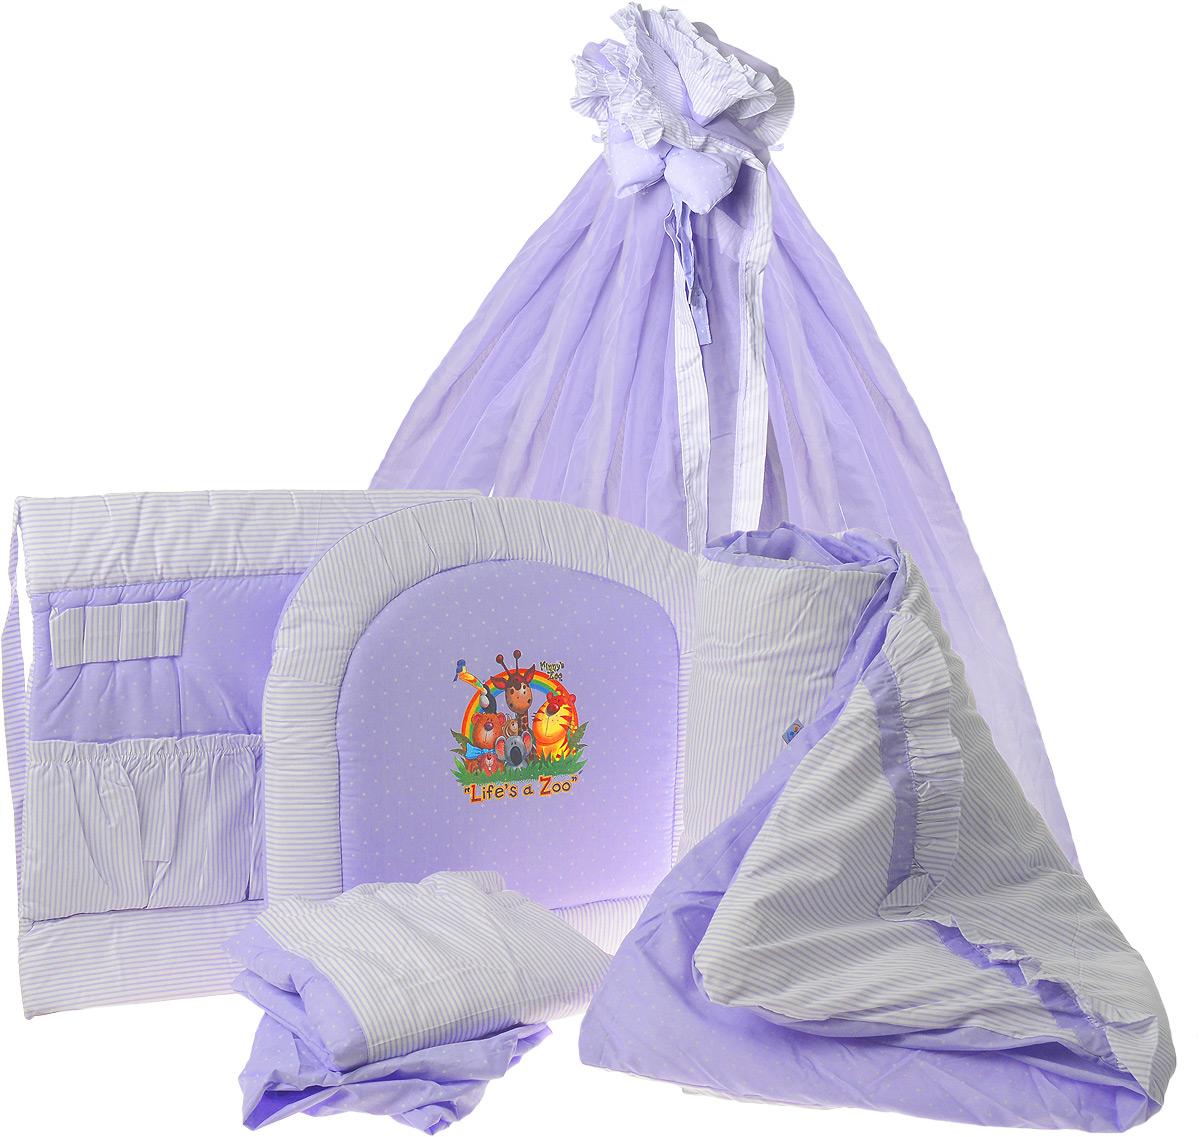 Топотушки Комплект детского постельного белья Нежность цвет сиреневый 8 предметов4630008873618Комплект постельного белья Топотушки Нежность из восьми предметов включает все необходимые элементы для детской кроватки. Комплект создает для вашего ребенка уют, комфорт и безопасную среду с рождения. Современный дизайн и цветовые сочетания помогают ребенку адаптироваться в новом для него мире. Комплект хорошо вписывается в интерьер, как детской комнаты, так и спальни родителей. Российское происхождение комплекта гарантирует стабильно высокое качество, соответствие актуальным пожеланиям потребителей. Комплект включает в себя: балдахин 3 метра, охранный бампер 360 см х 40 см, подушка 40 см х 60 см, одеяло 140 см х 110 см, наволочка 40 см х 60 см, пододеяльник 147 см х 112 см, простынь на резинке 120 см х 60 см, карман прикроватный. Мягкий борт защитит малыша от сквозняков и убережет от возможных ударов о бортики кроватки. Наполнитель борта - холлофайбер. Балдахин длиной 3 метра создает для вашего малыша индивидуальную зону комфорта:...